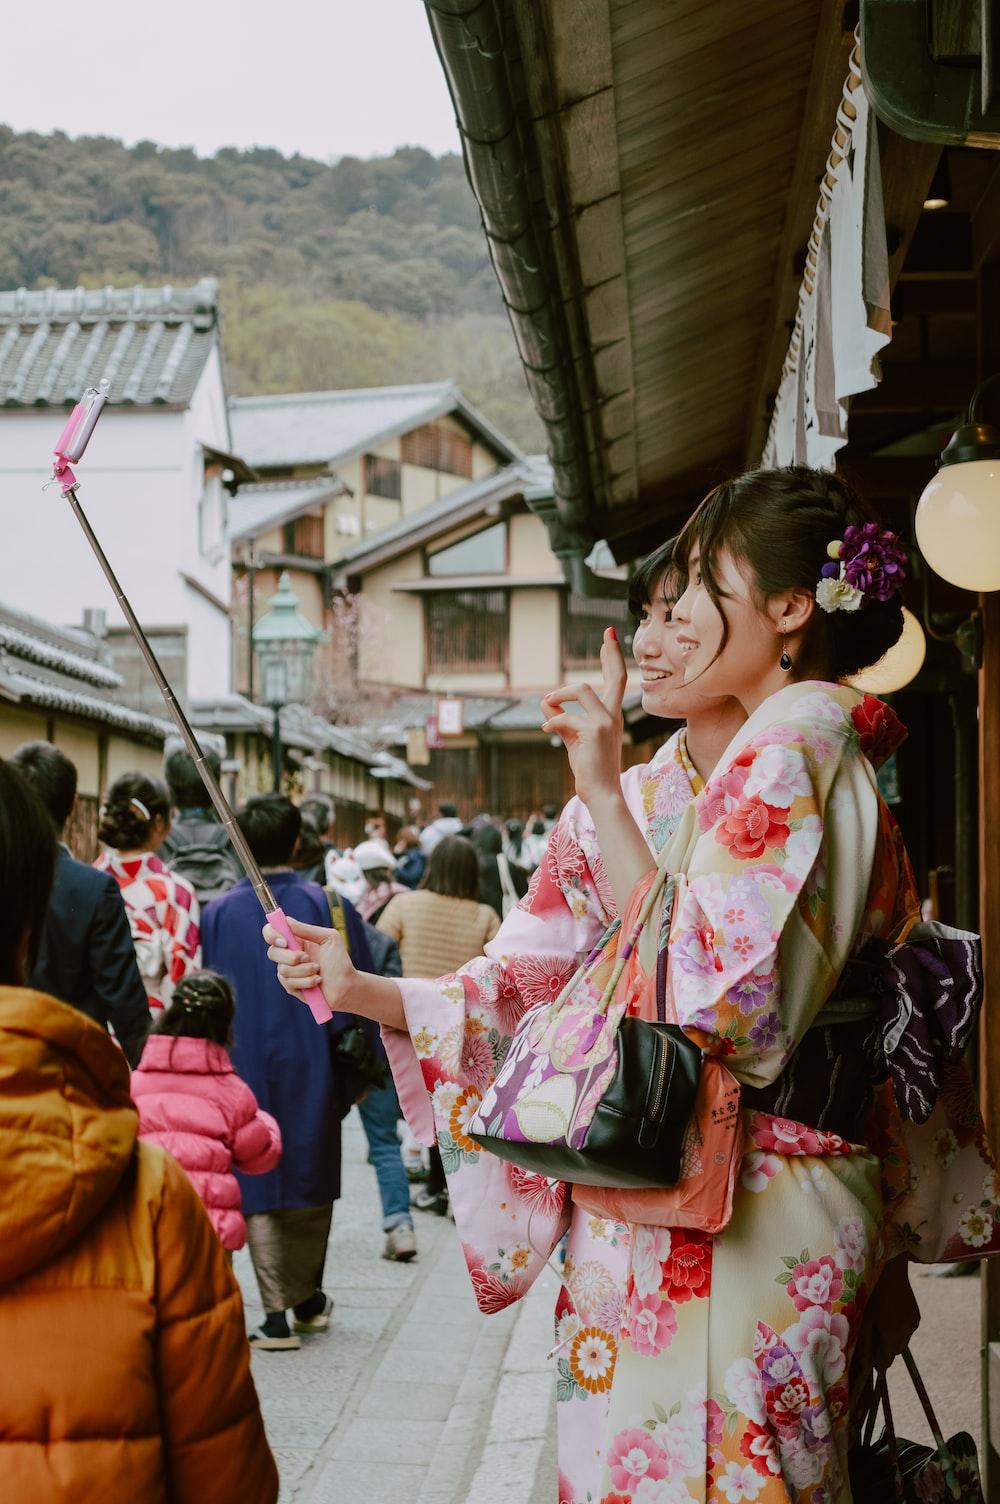 two woman yukata dress during daytime